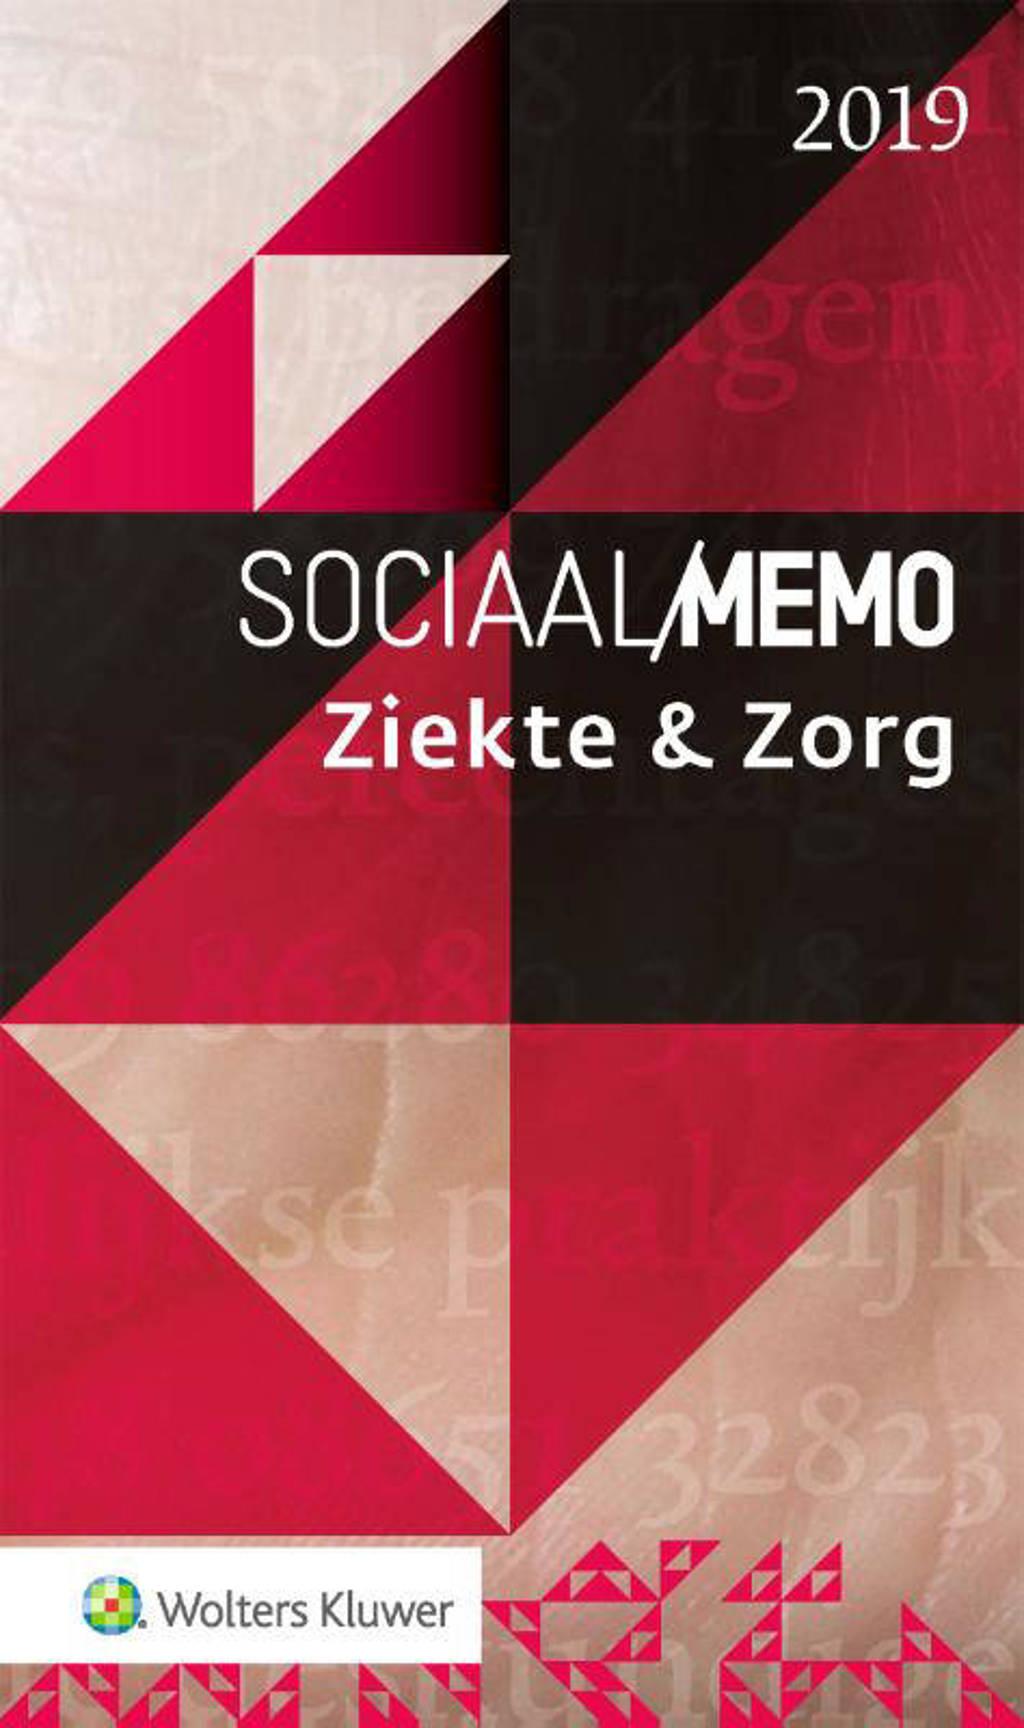 Sociaal Memo: Ziekte & Zorg 2019